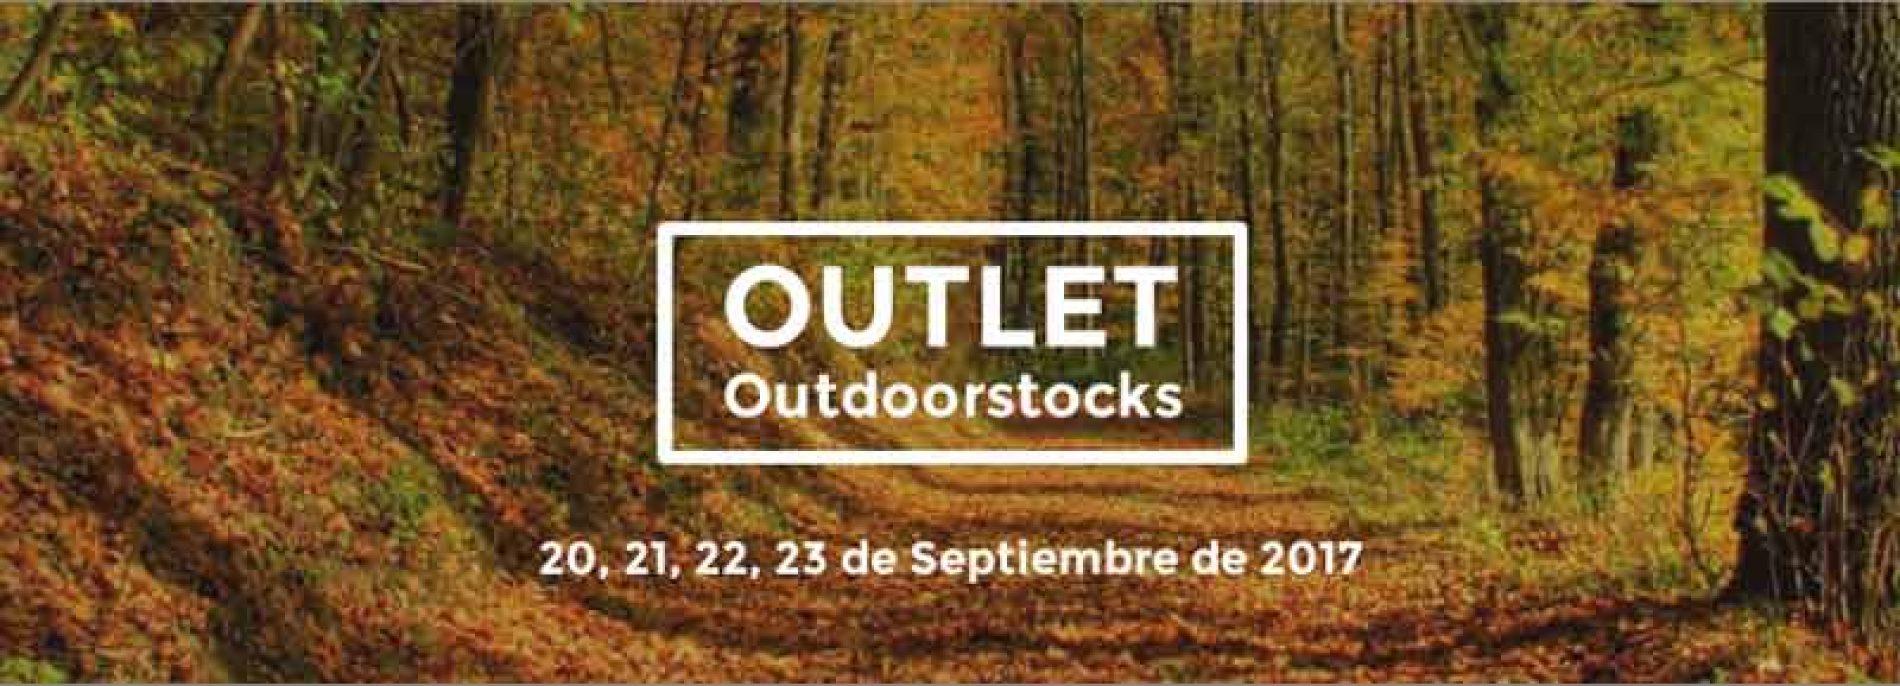 Conferencias sobre caza en el outlet de Outdoorstocks